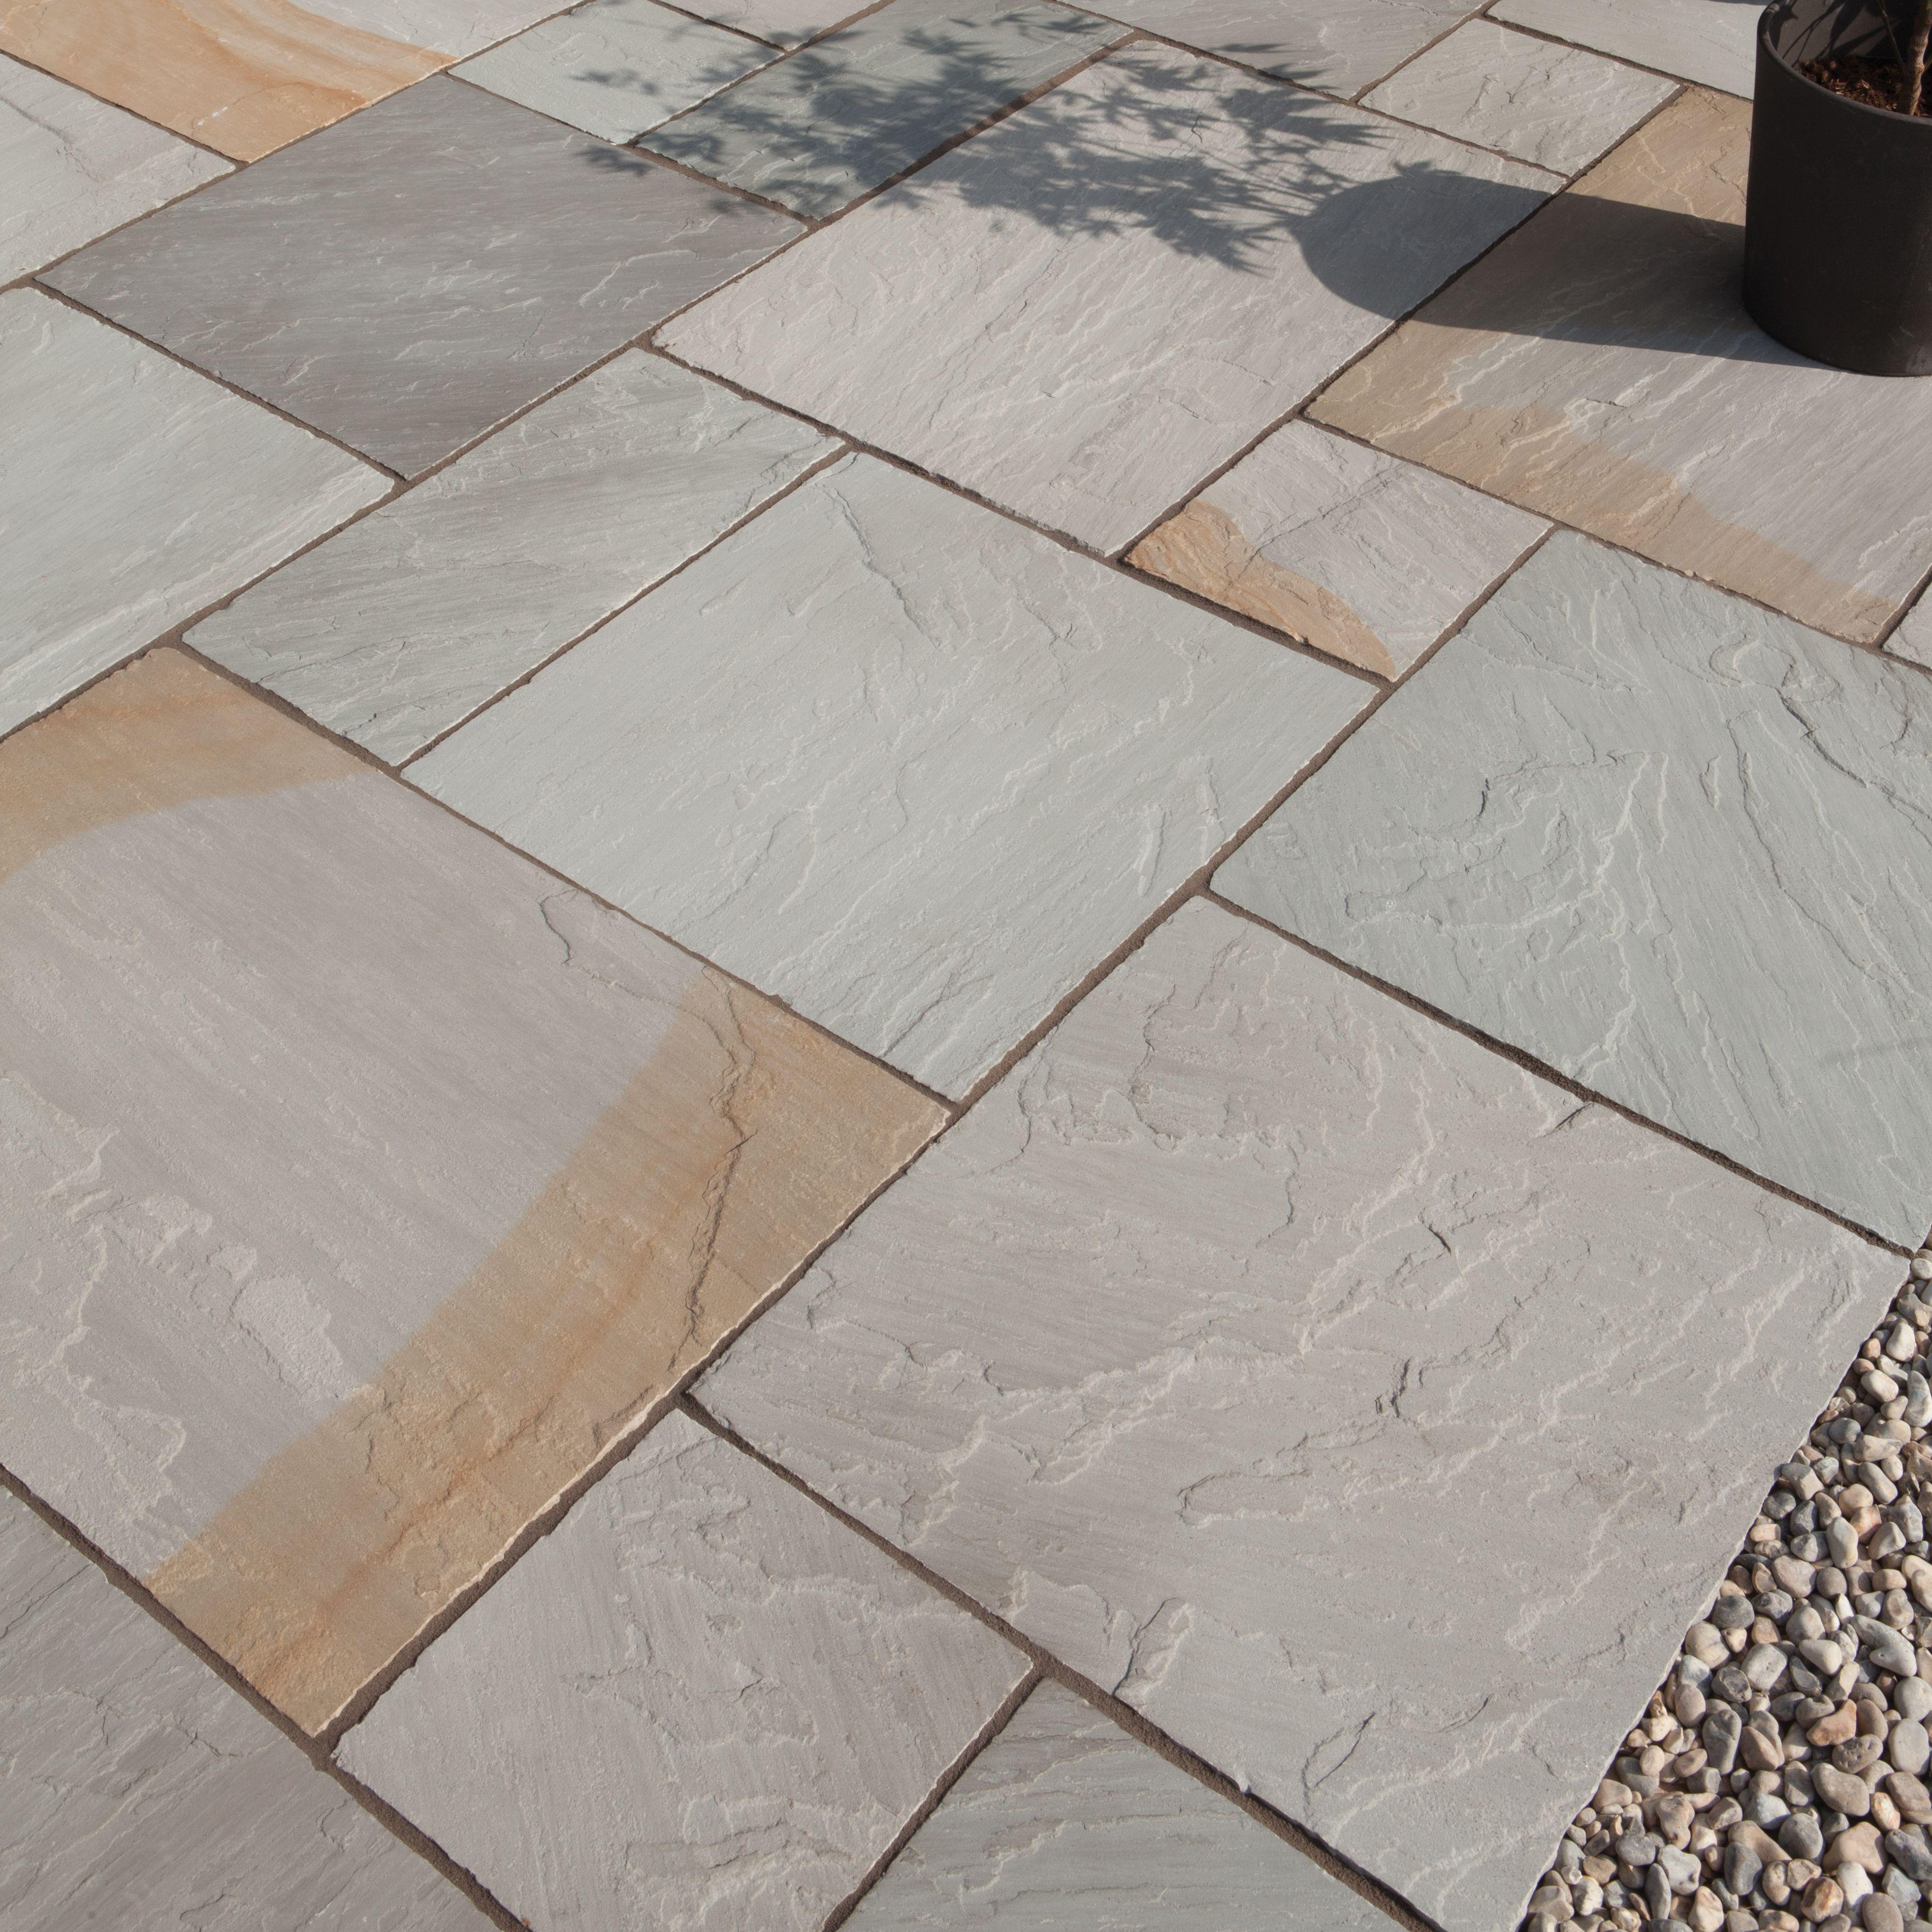 Grey Blend Natural Sandstone Paving Slab (l)600mm (w)300mm Pack Of 96, 17.28 M²